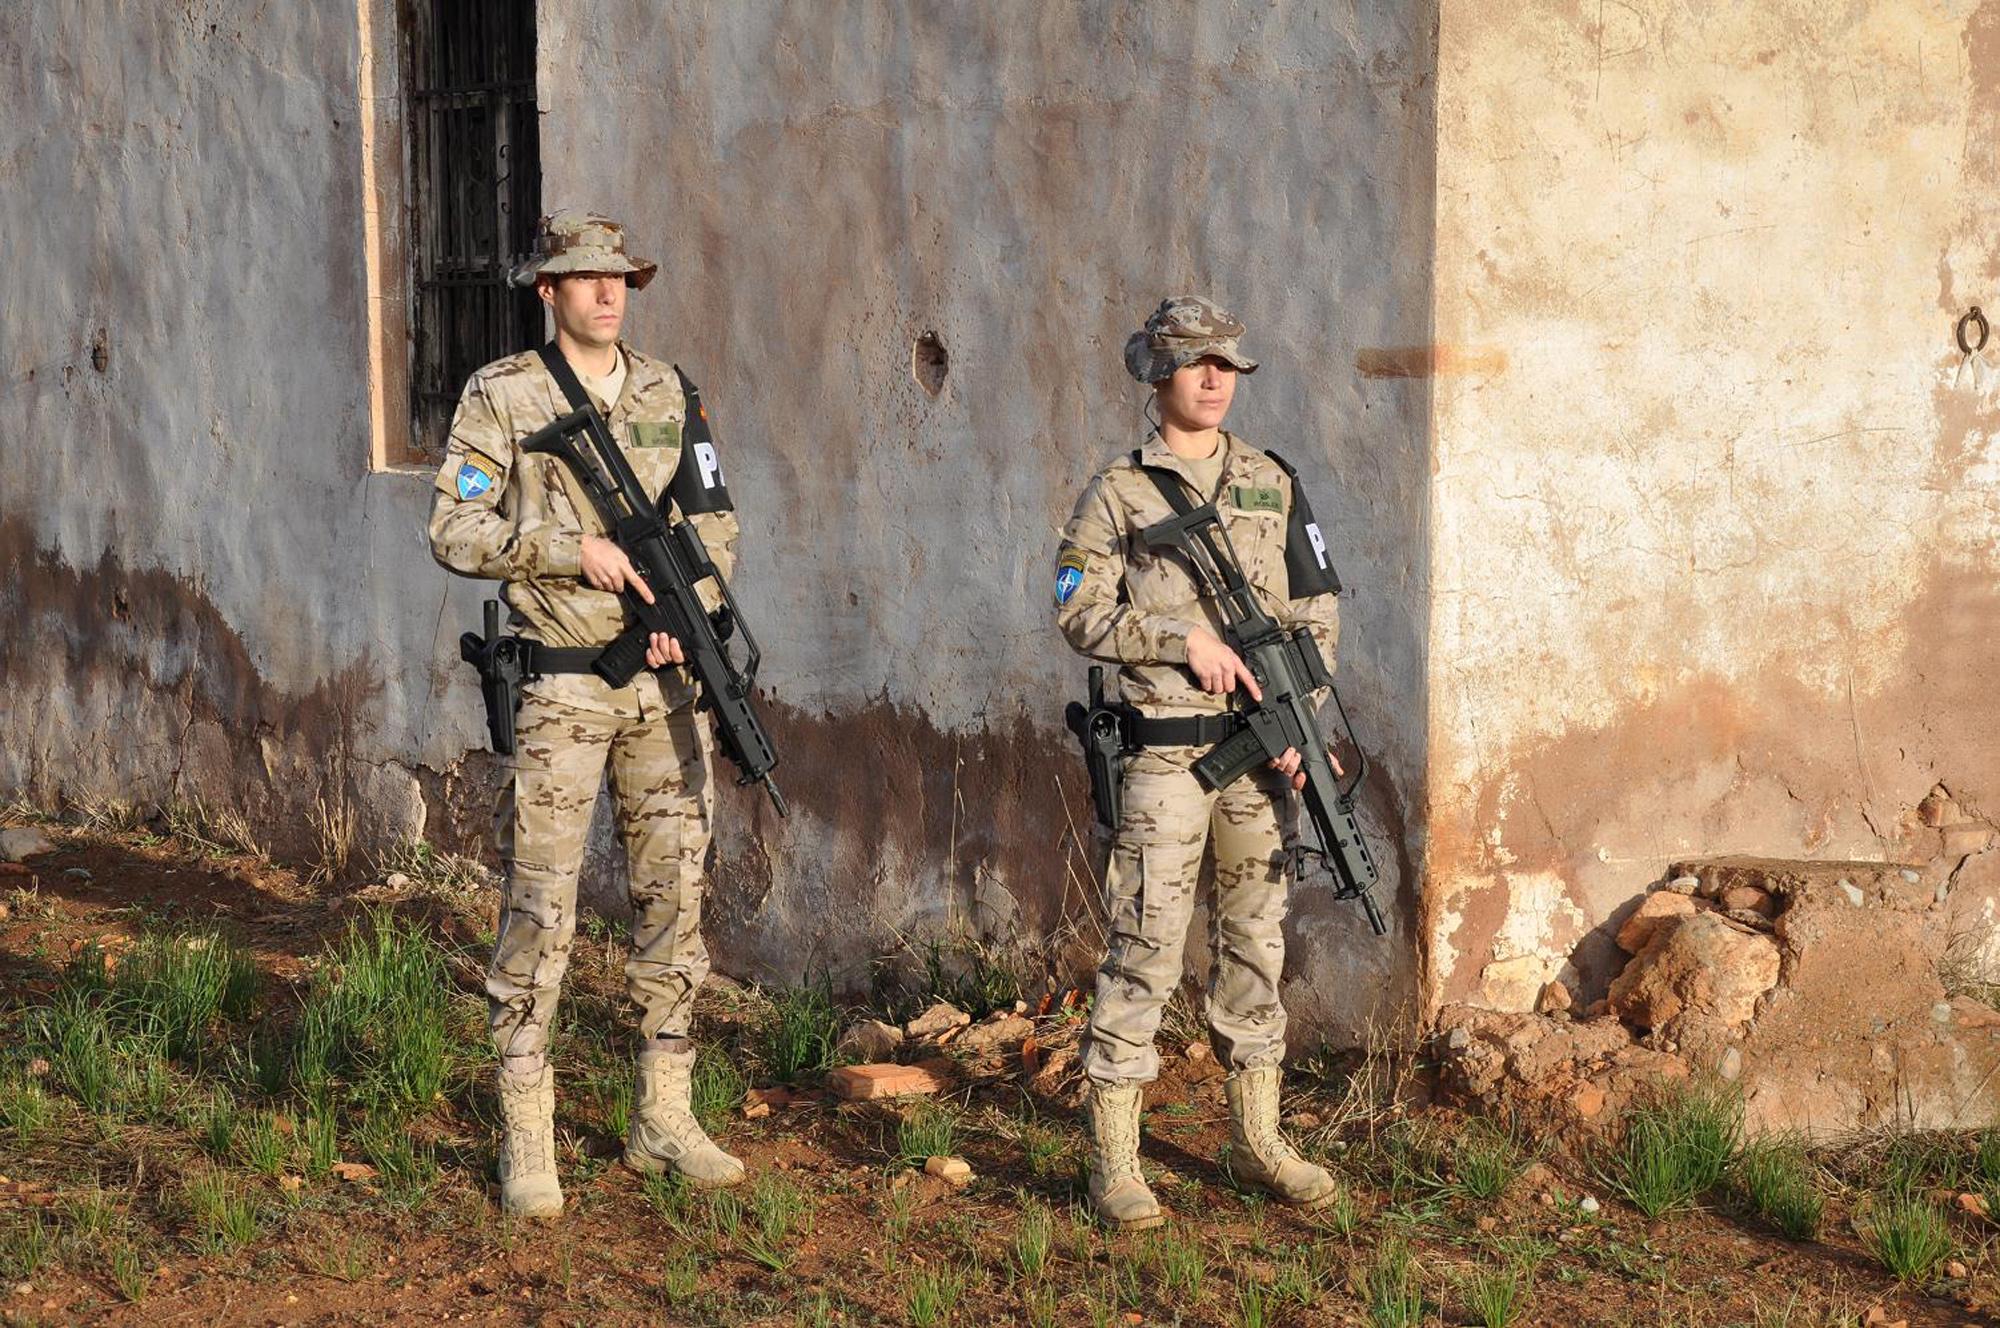 Nuevo uniforme desértico español - Análisis, opiniones - Página 2 DGC_100227_uniforme_pixelado_G